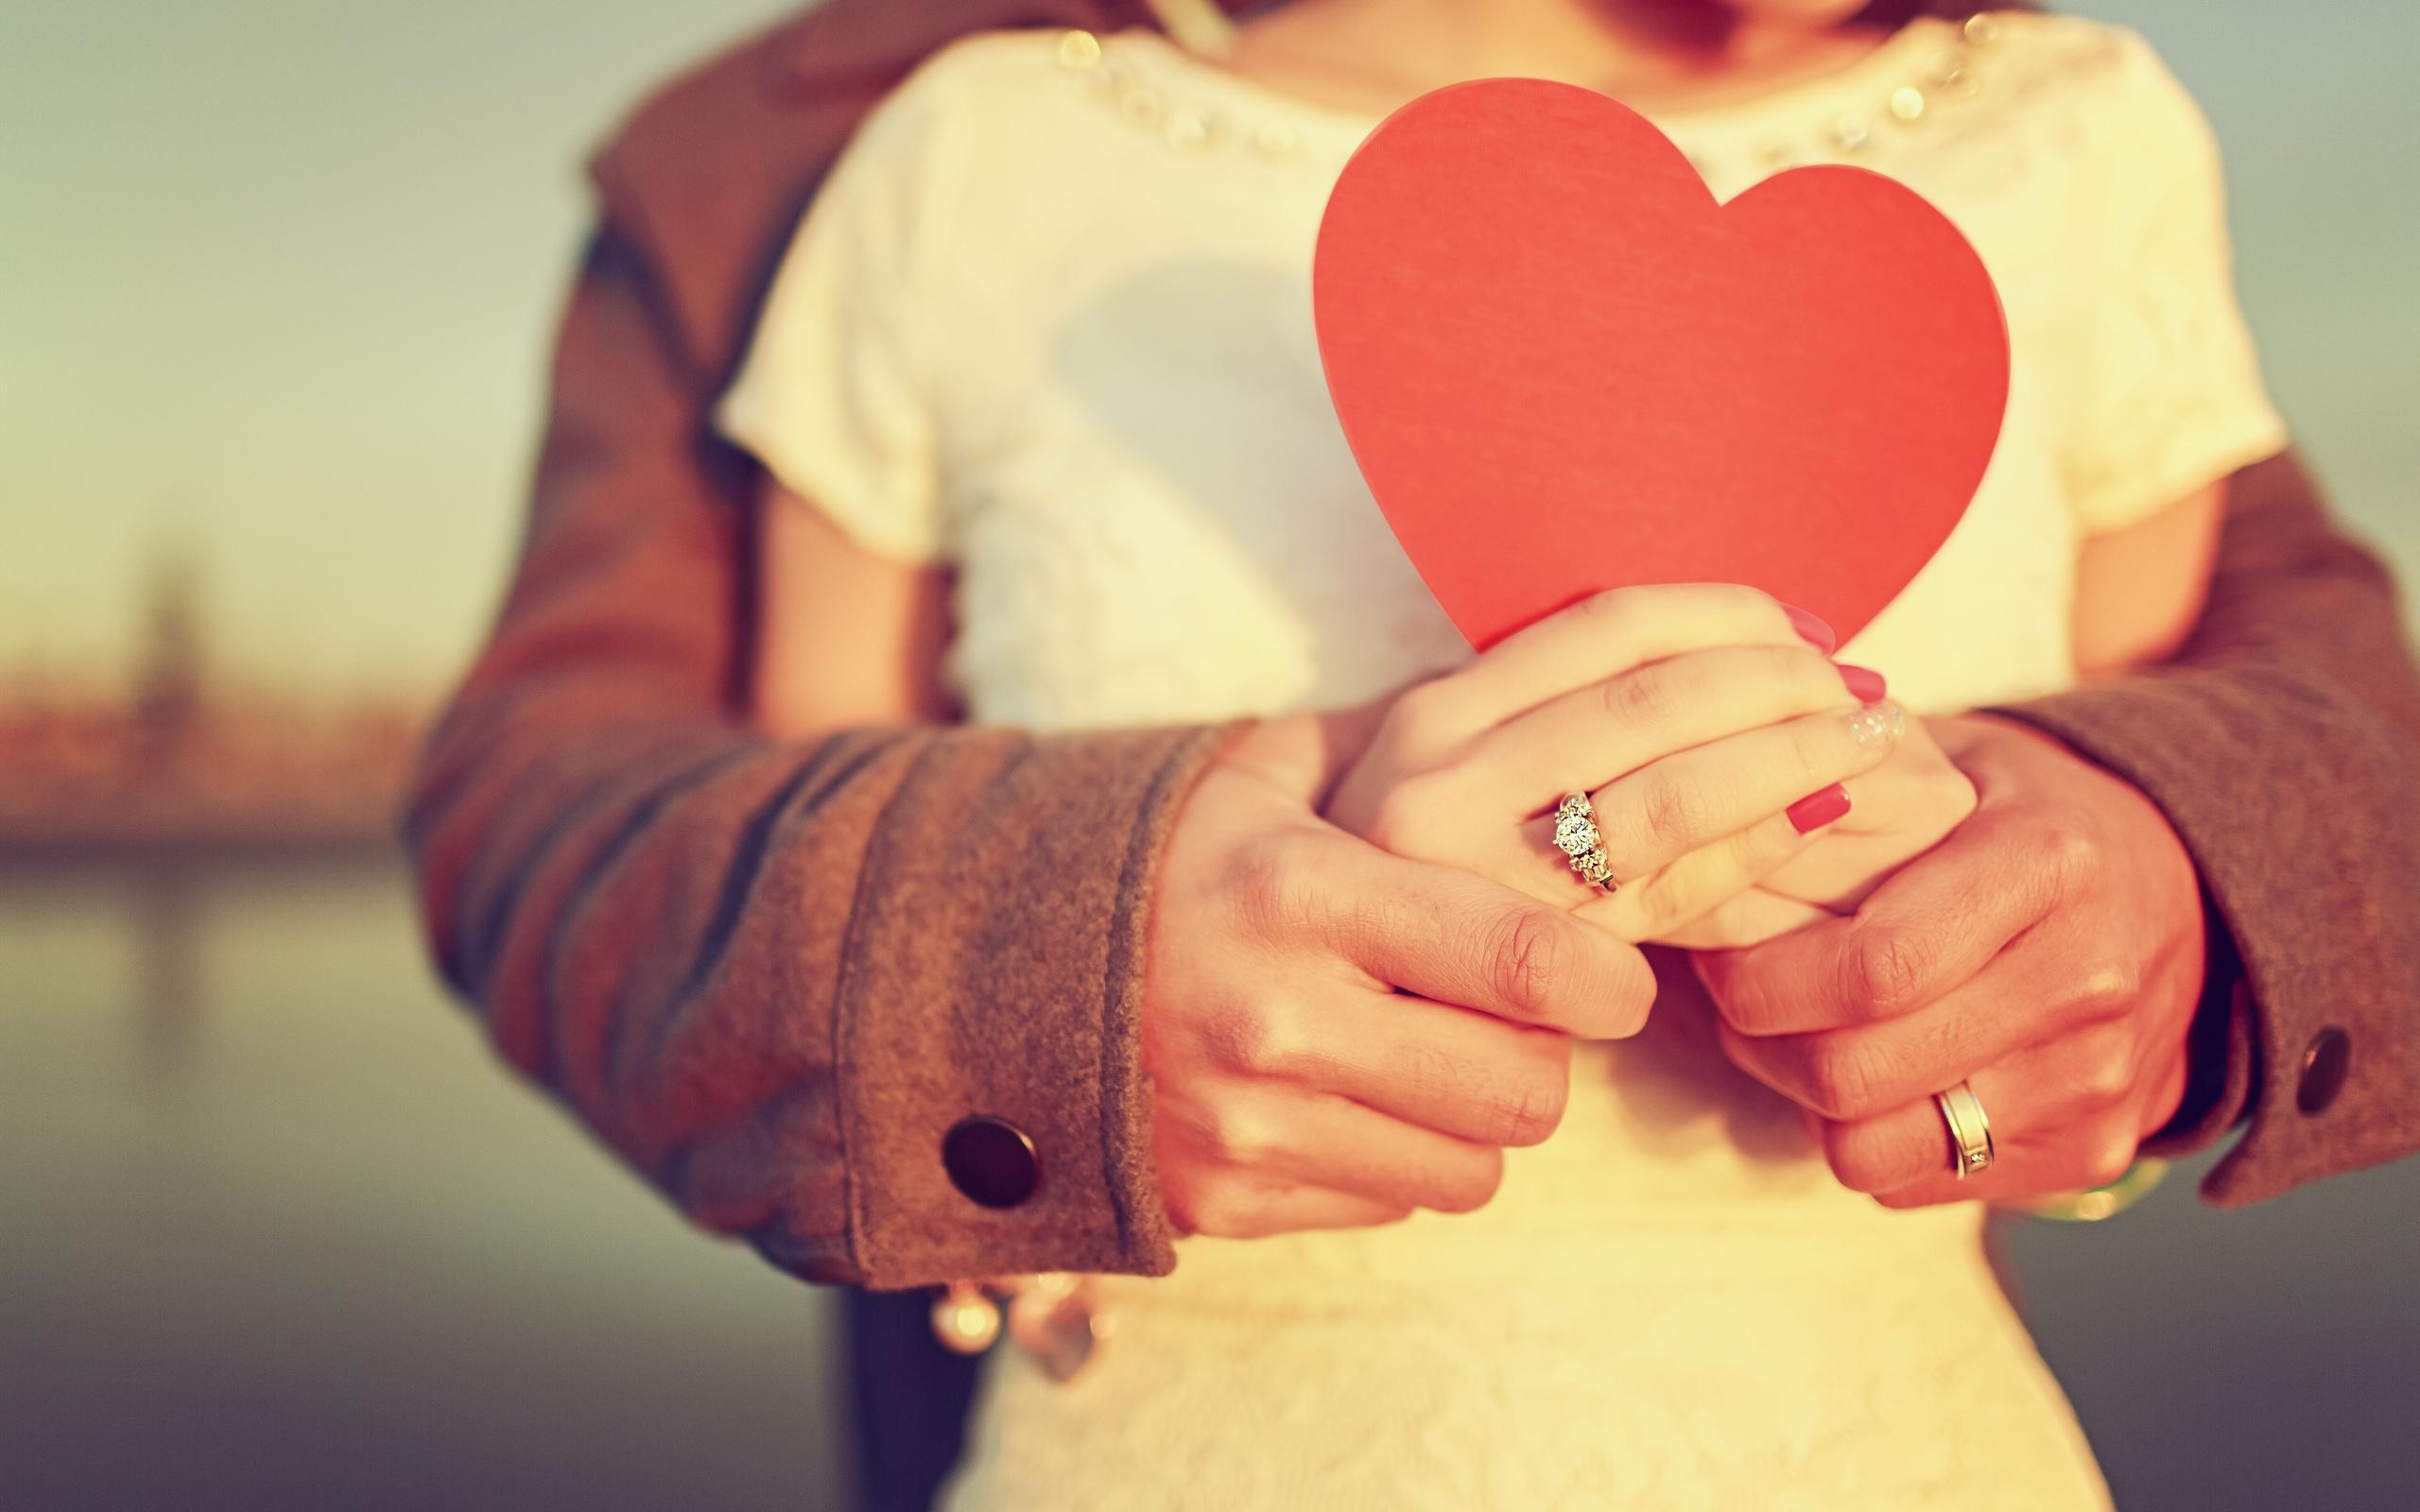 Открытки влюбленных пар без лица